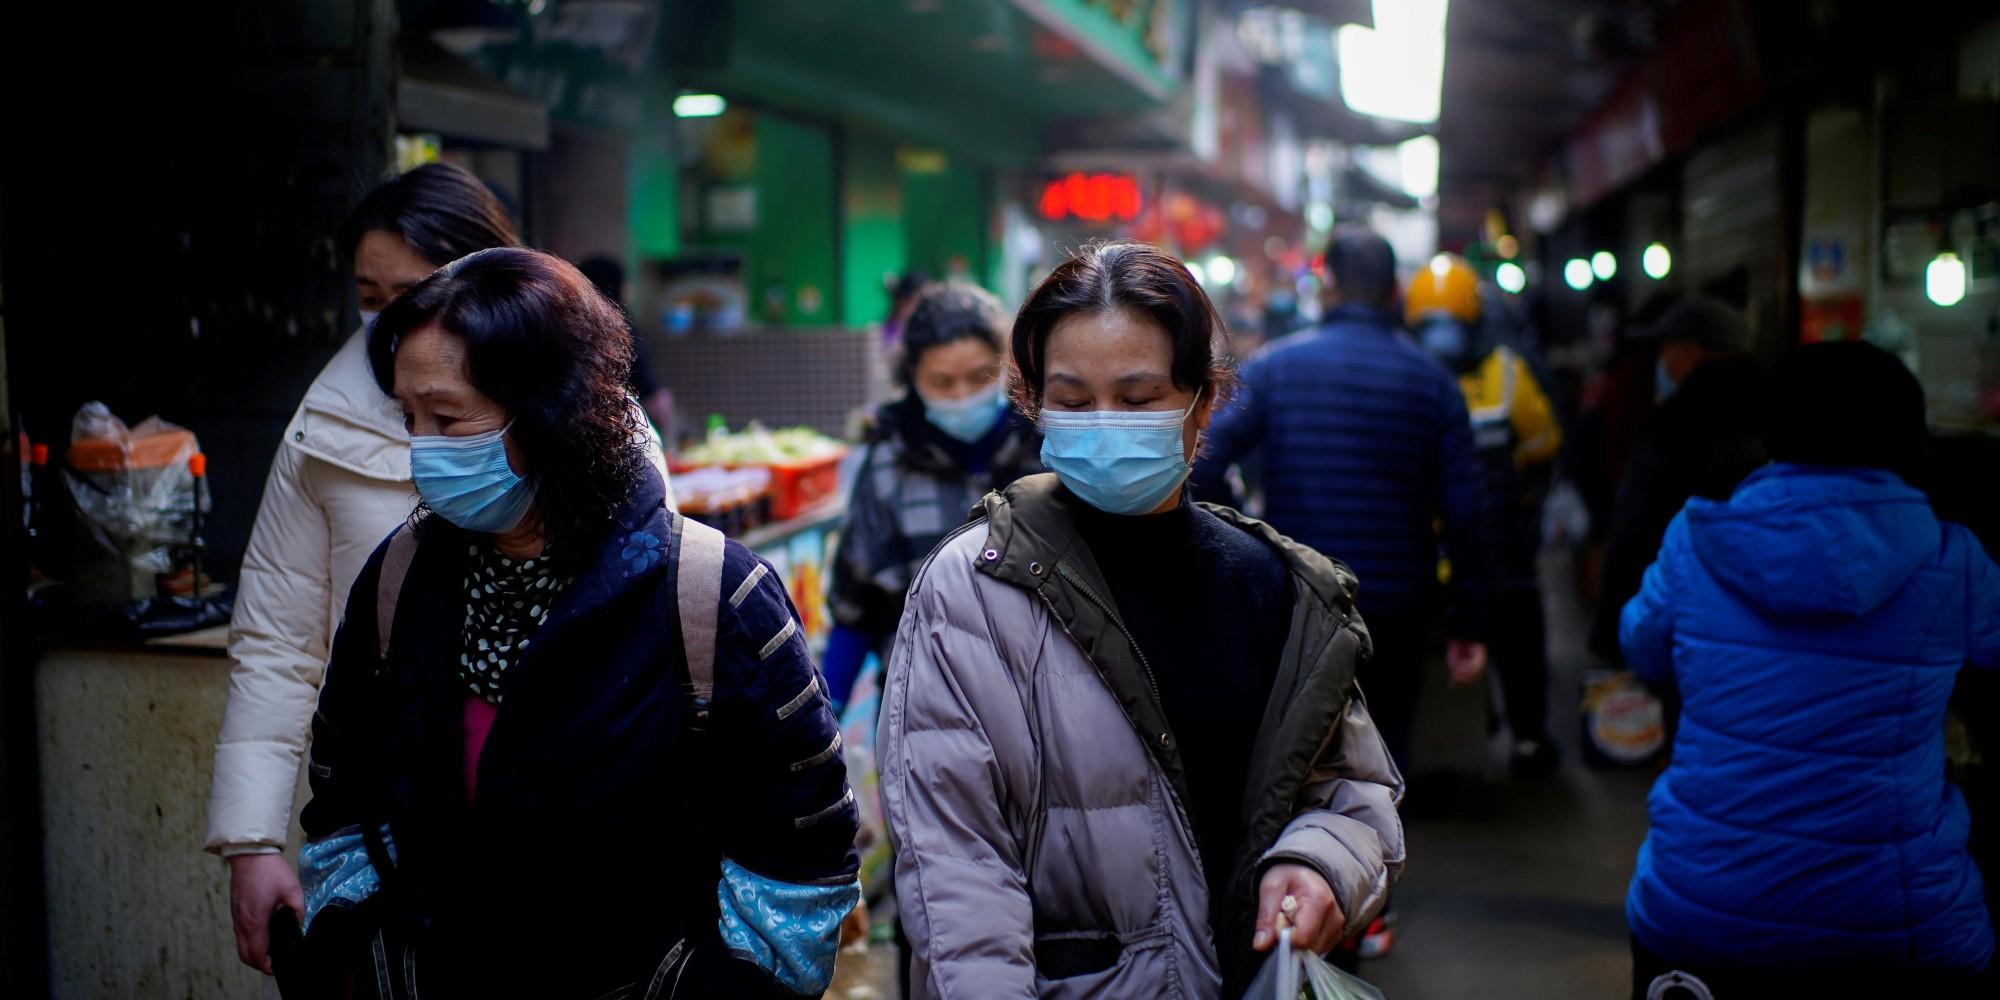 Covid-19 : opération de dépistage massif à Wuhan, la Chine face au variant Delta